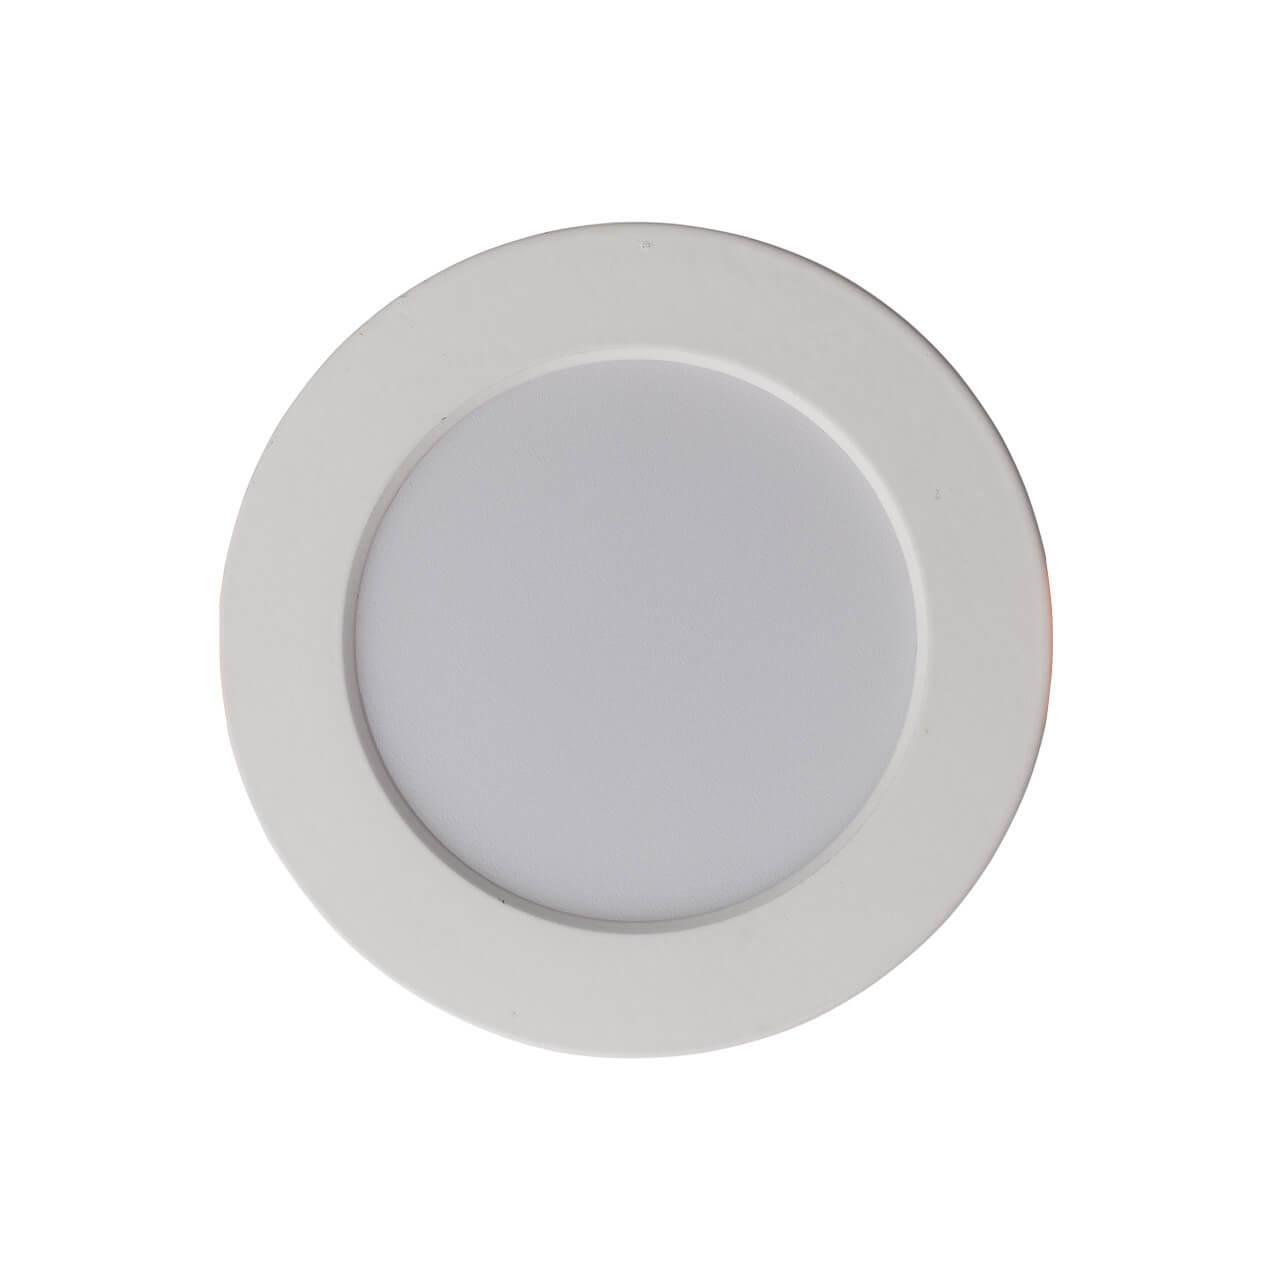 Встраиваемый светодиодный светильник De Markt Стаут 1 702010201 встраиваемый светодиодный светильник de markt стаут 1 702010301